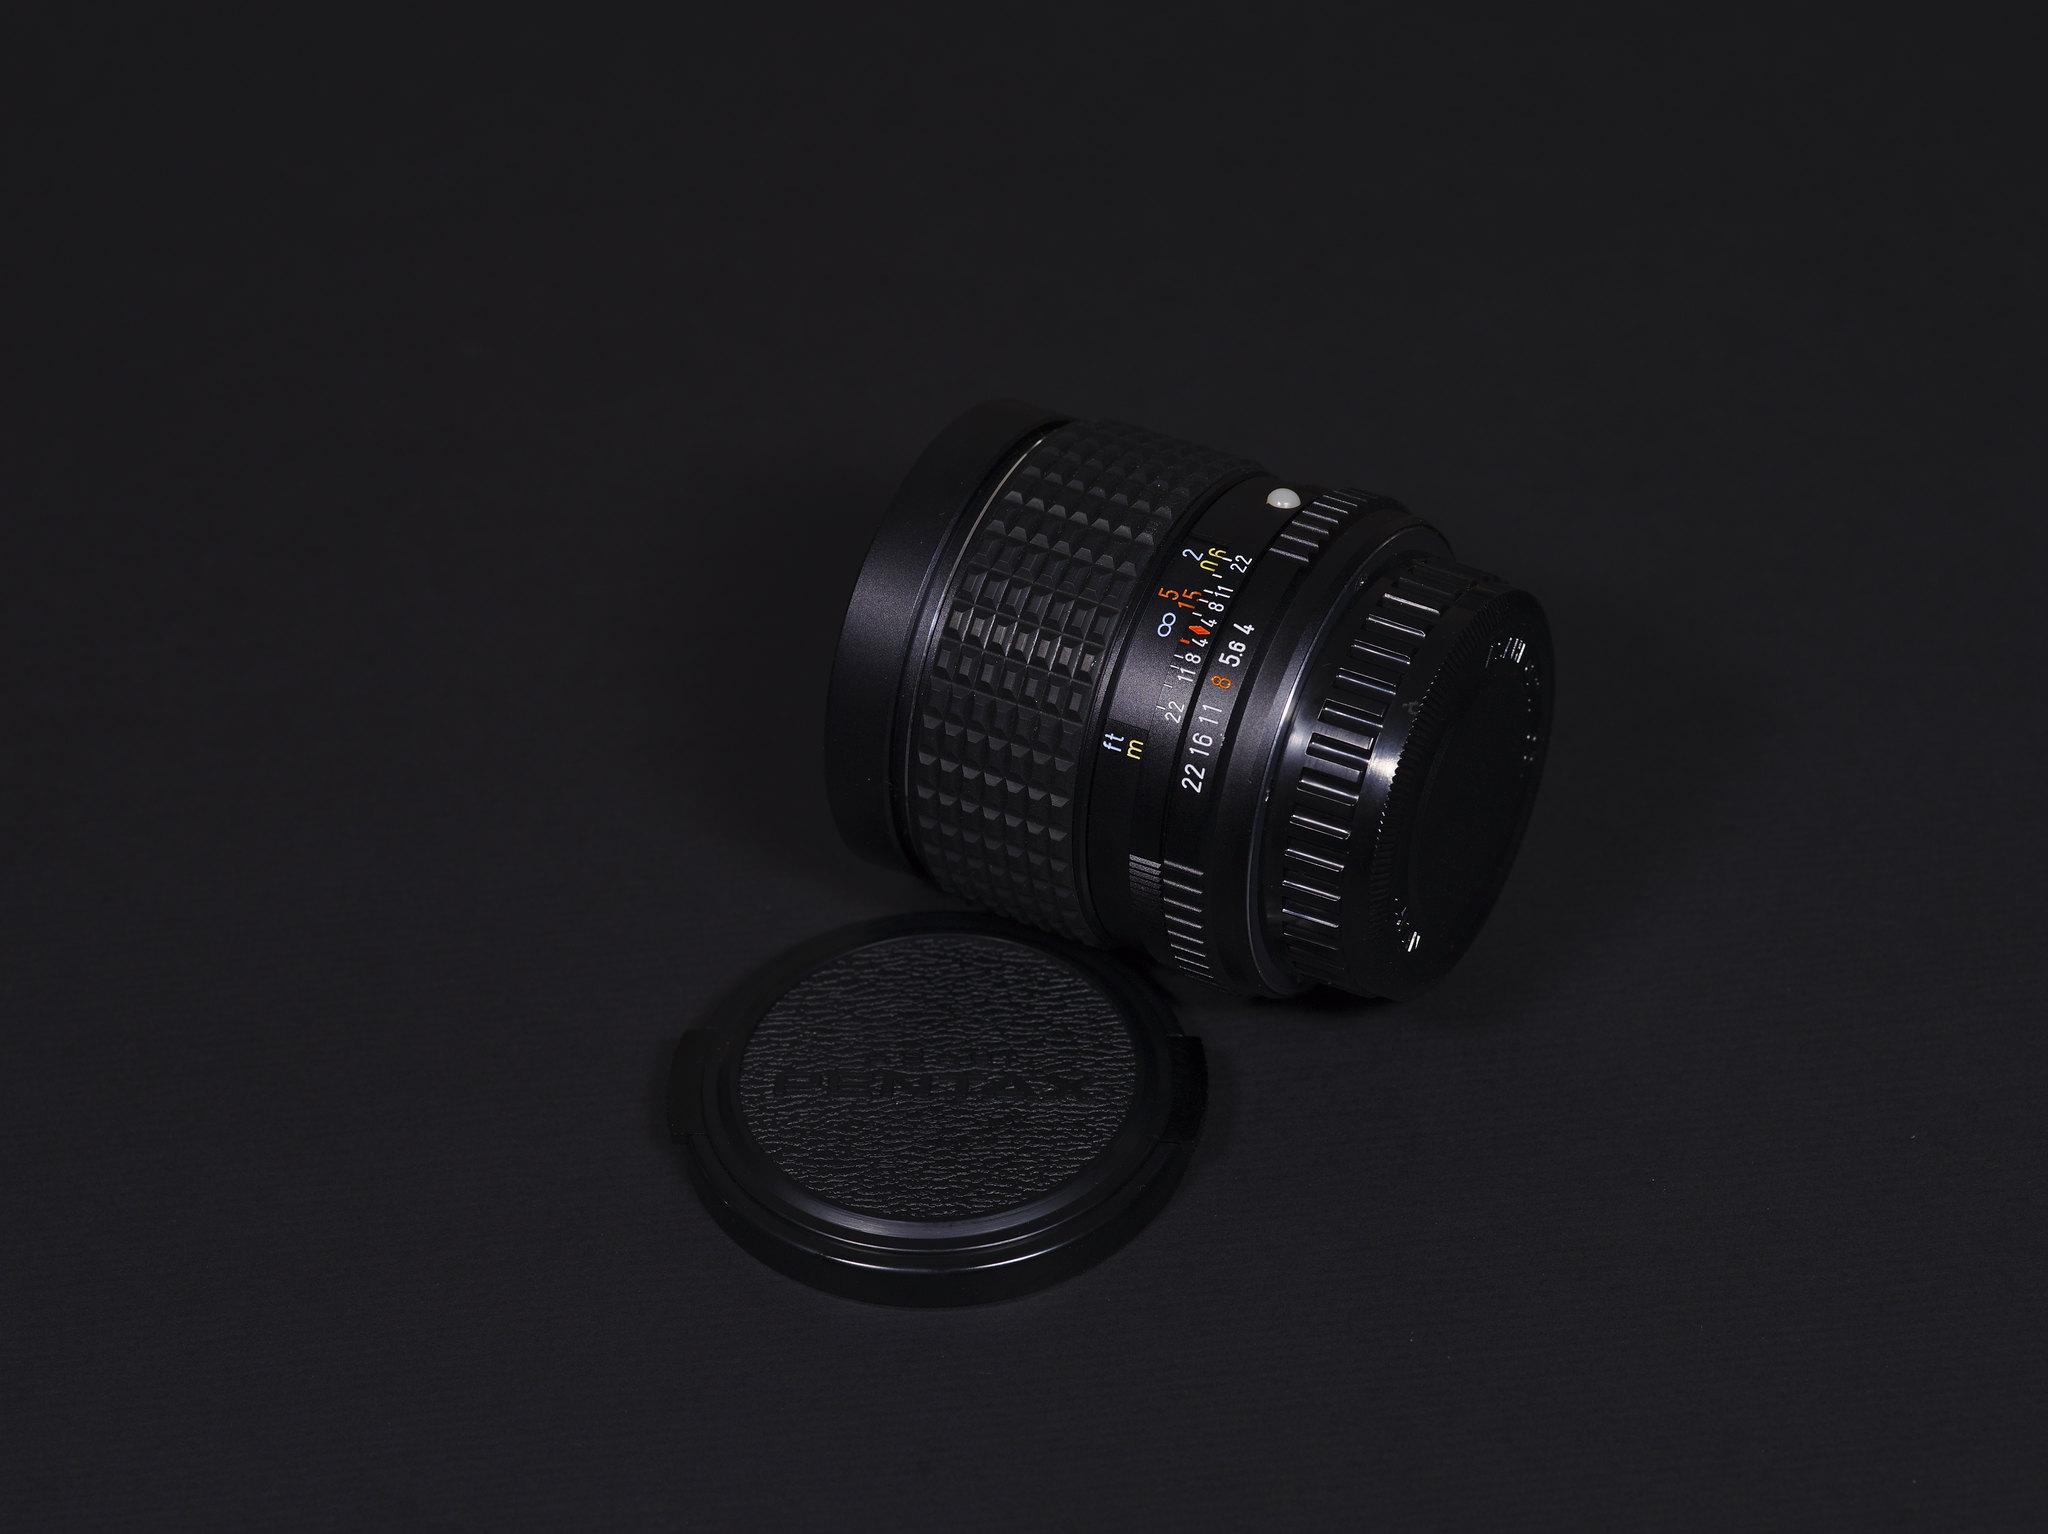 賓得絕世廣角銘鏡 SMC Pentax K 20mm F4 入手